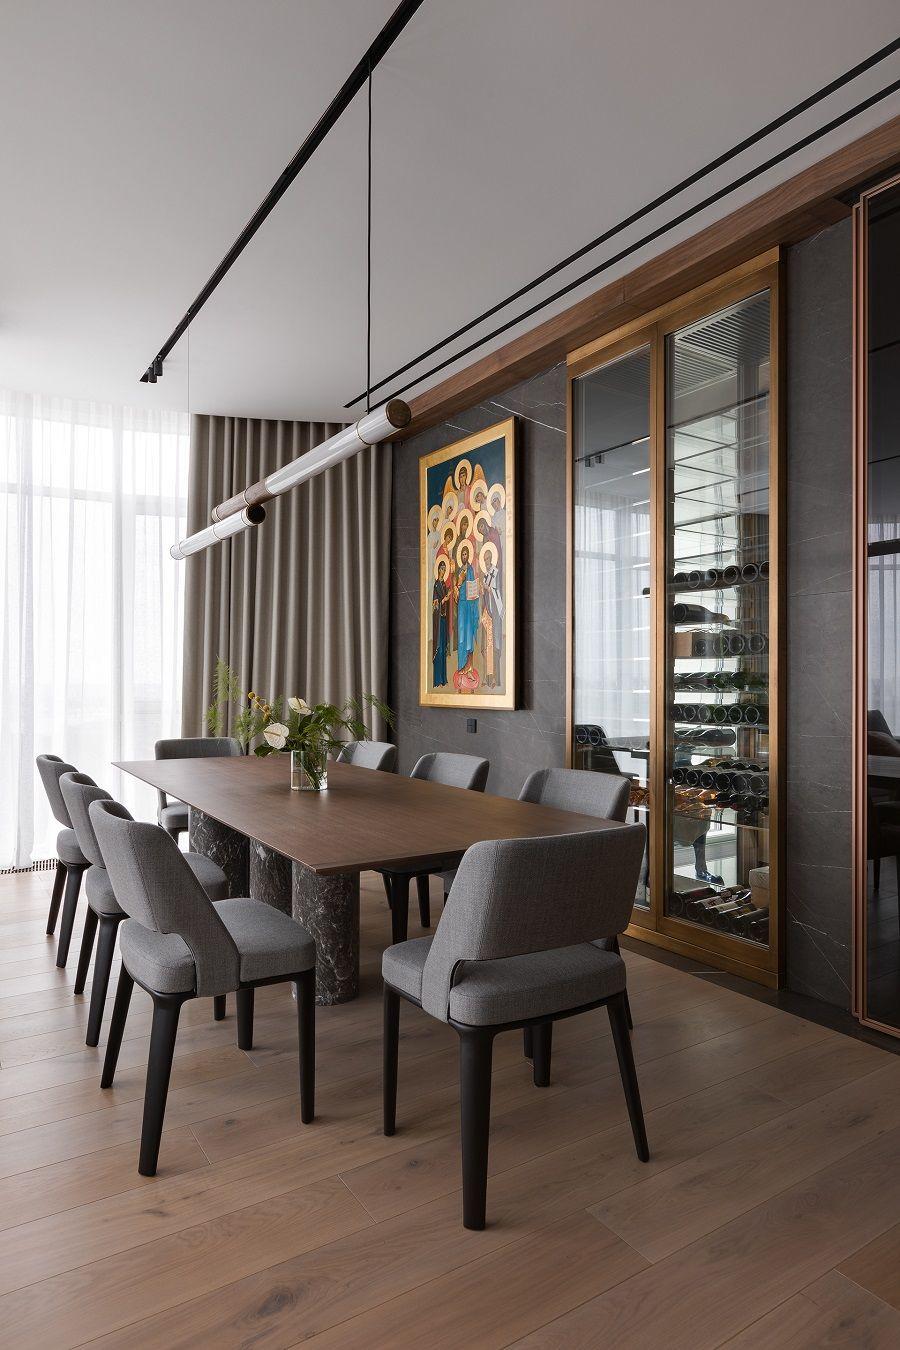 Tủ rượu âm tường gần bàn ăn tăng thêm sự sang trọng